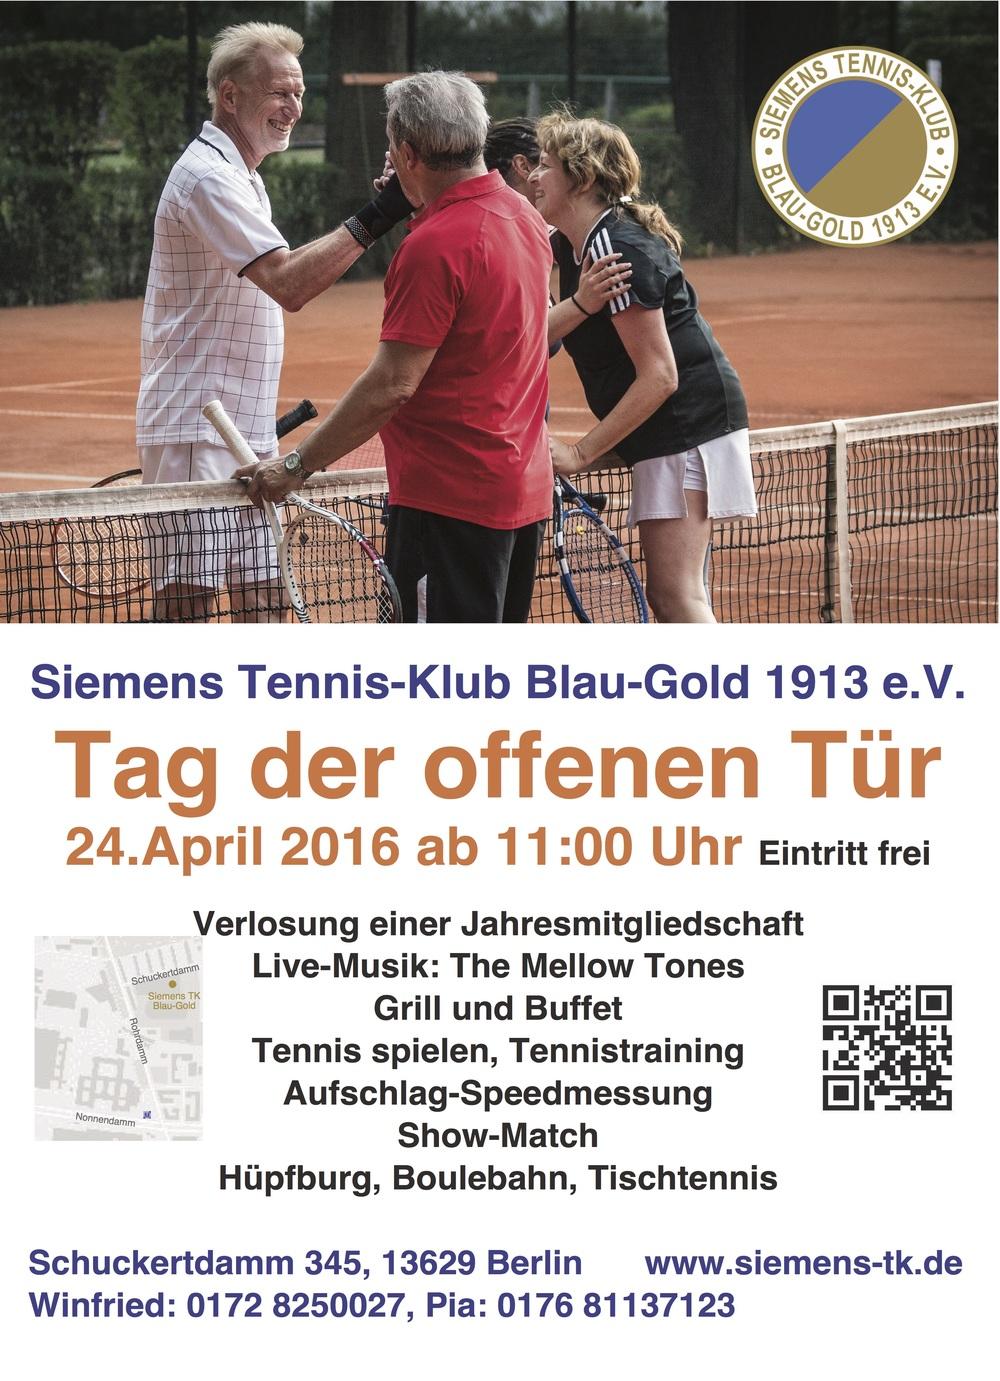 2016 Tag der offen Tür im Siemens Tennis - Klub Berlin